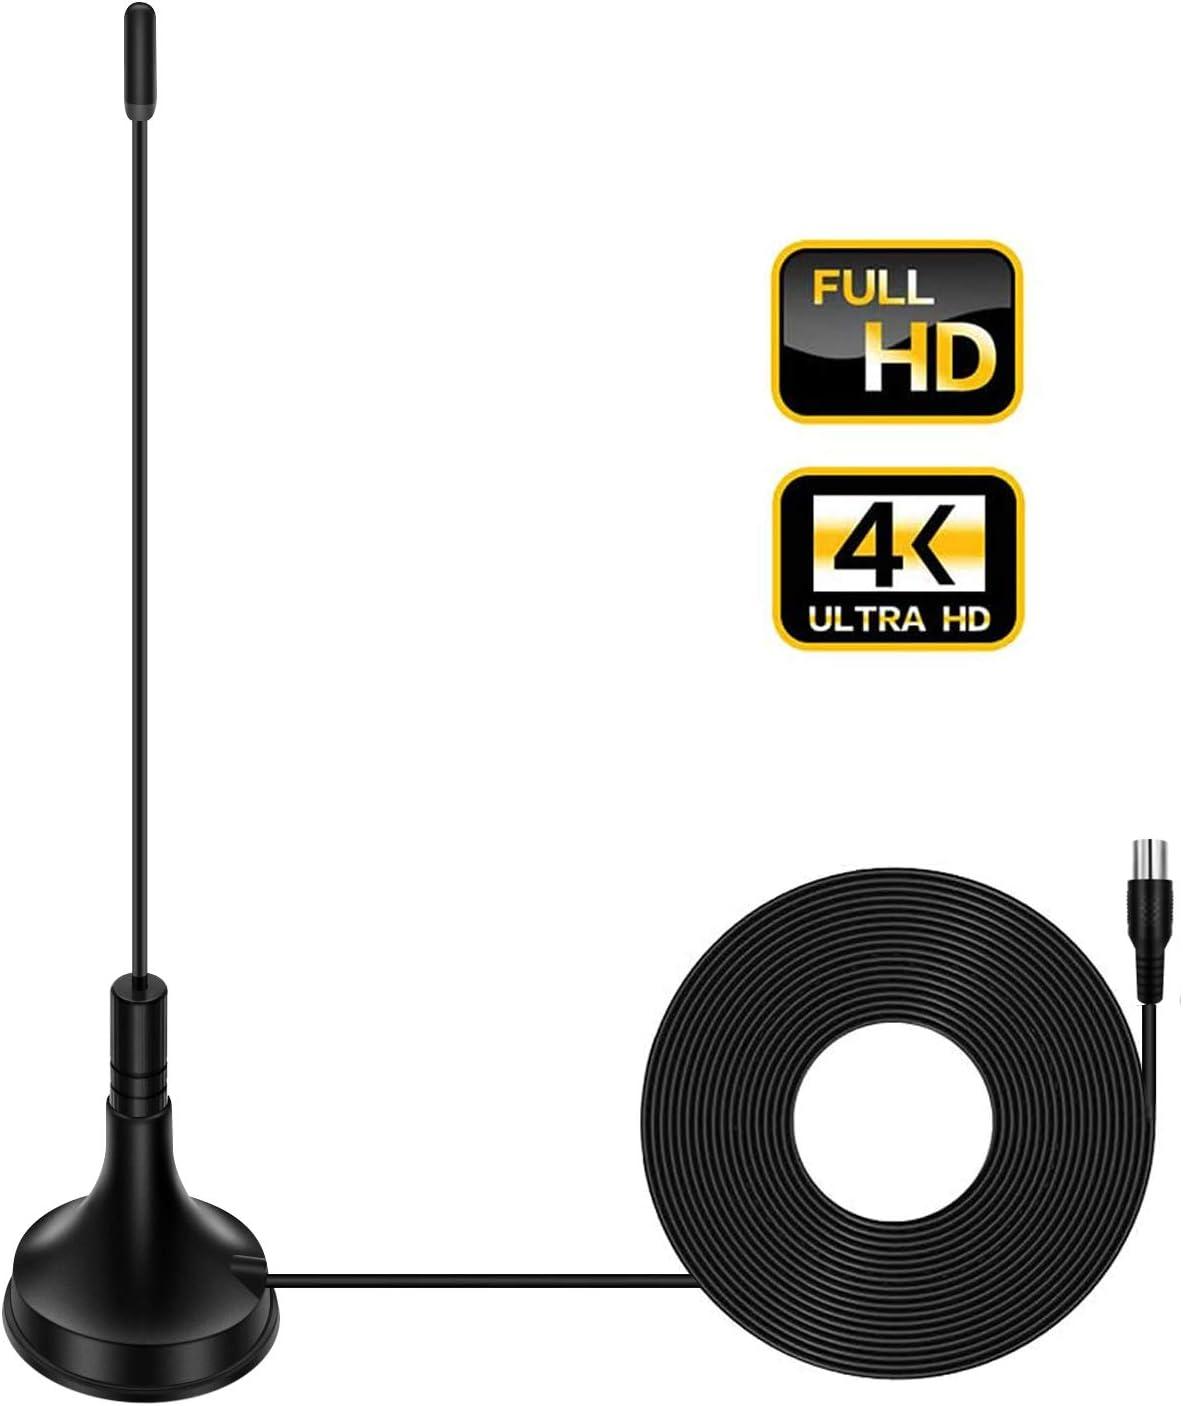 Antena de TV para interior digital HDTV Antena Freeview 4 K 1080 p HD FM VHF UHF ventana antena para canales locales TODO la televisión